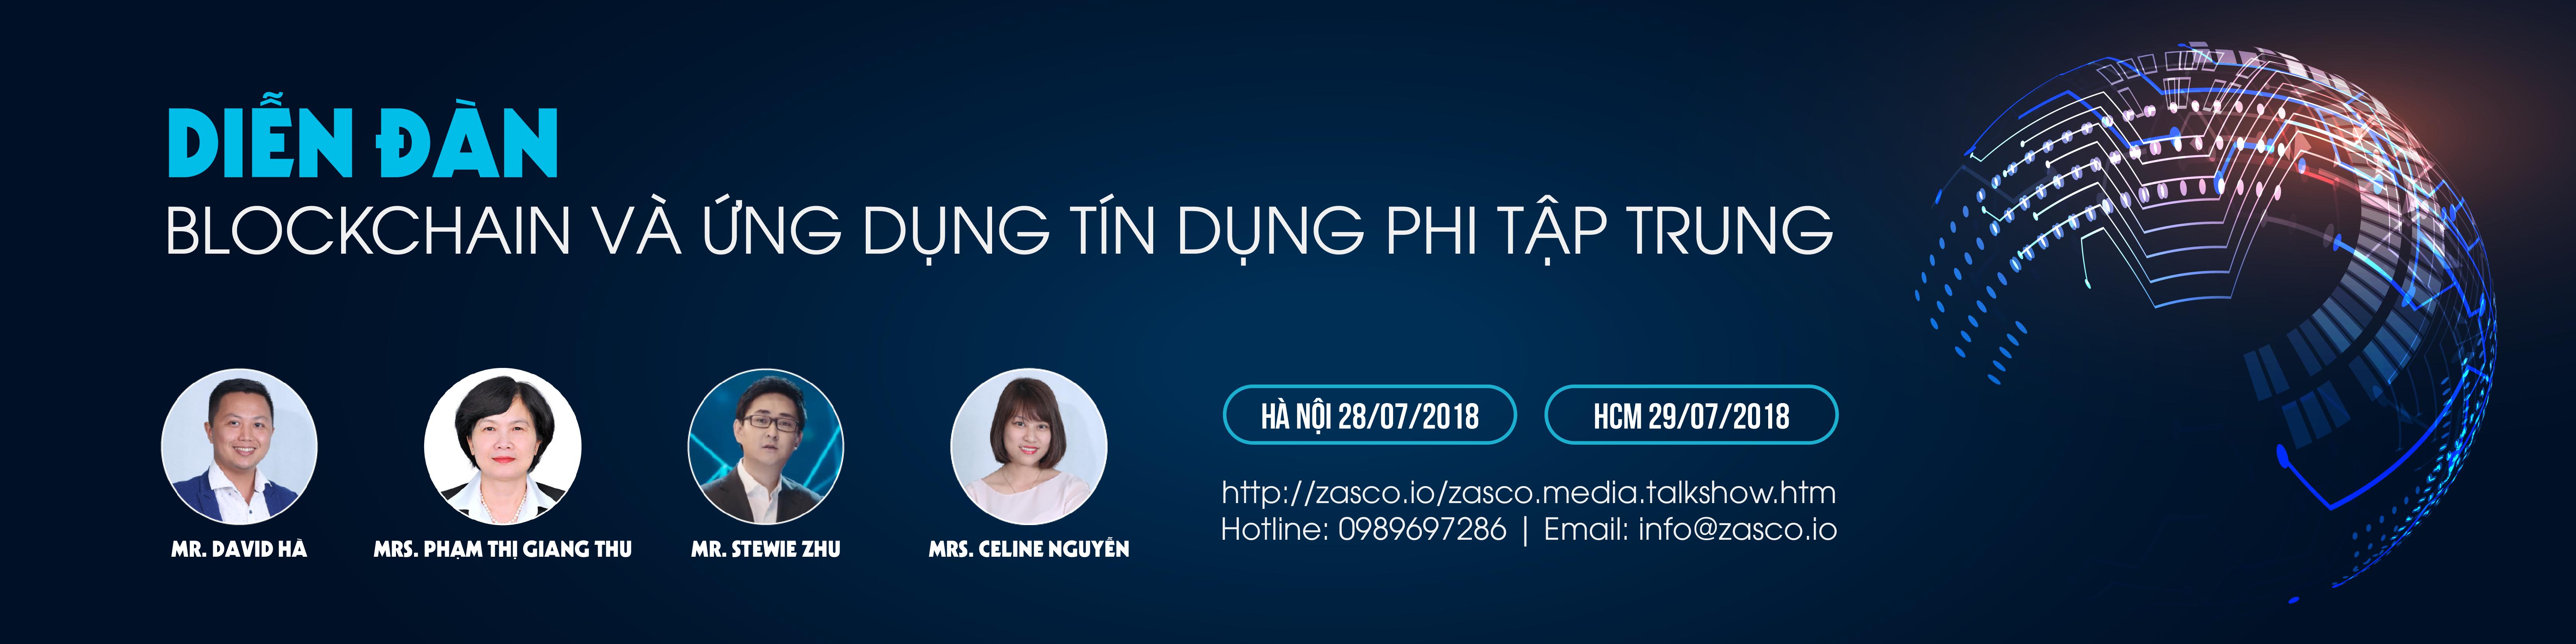 Diễn đàn Blockchain & Ứng dụng tín dụng phi tập trung 2018 (TP. Hà Nội)